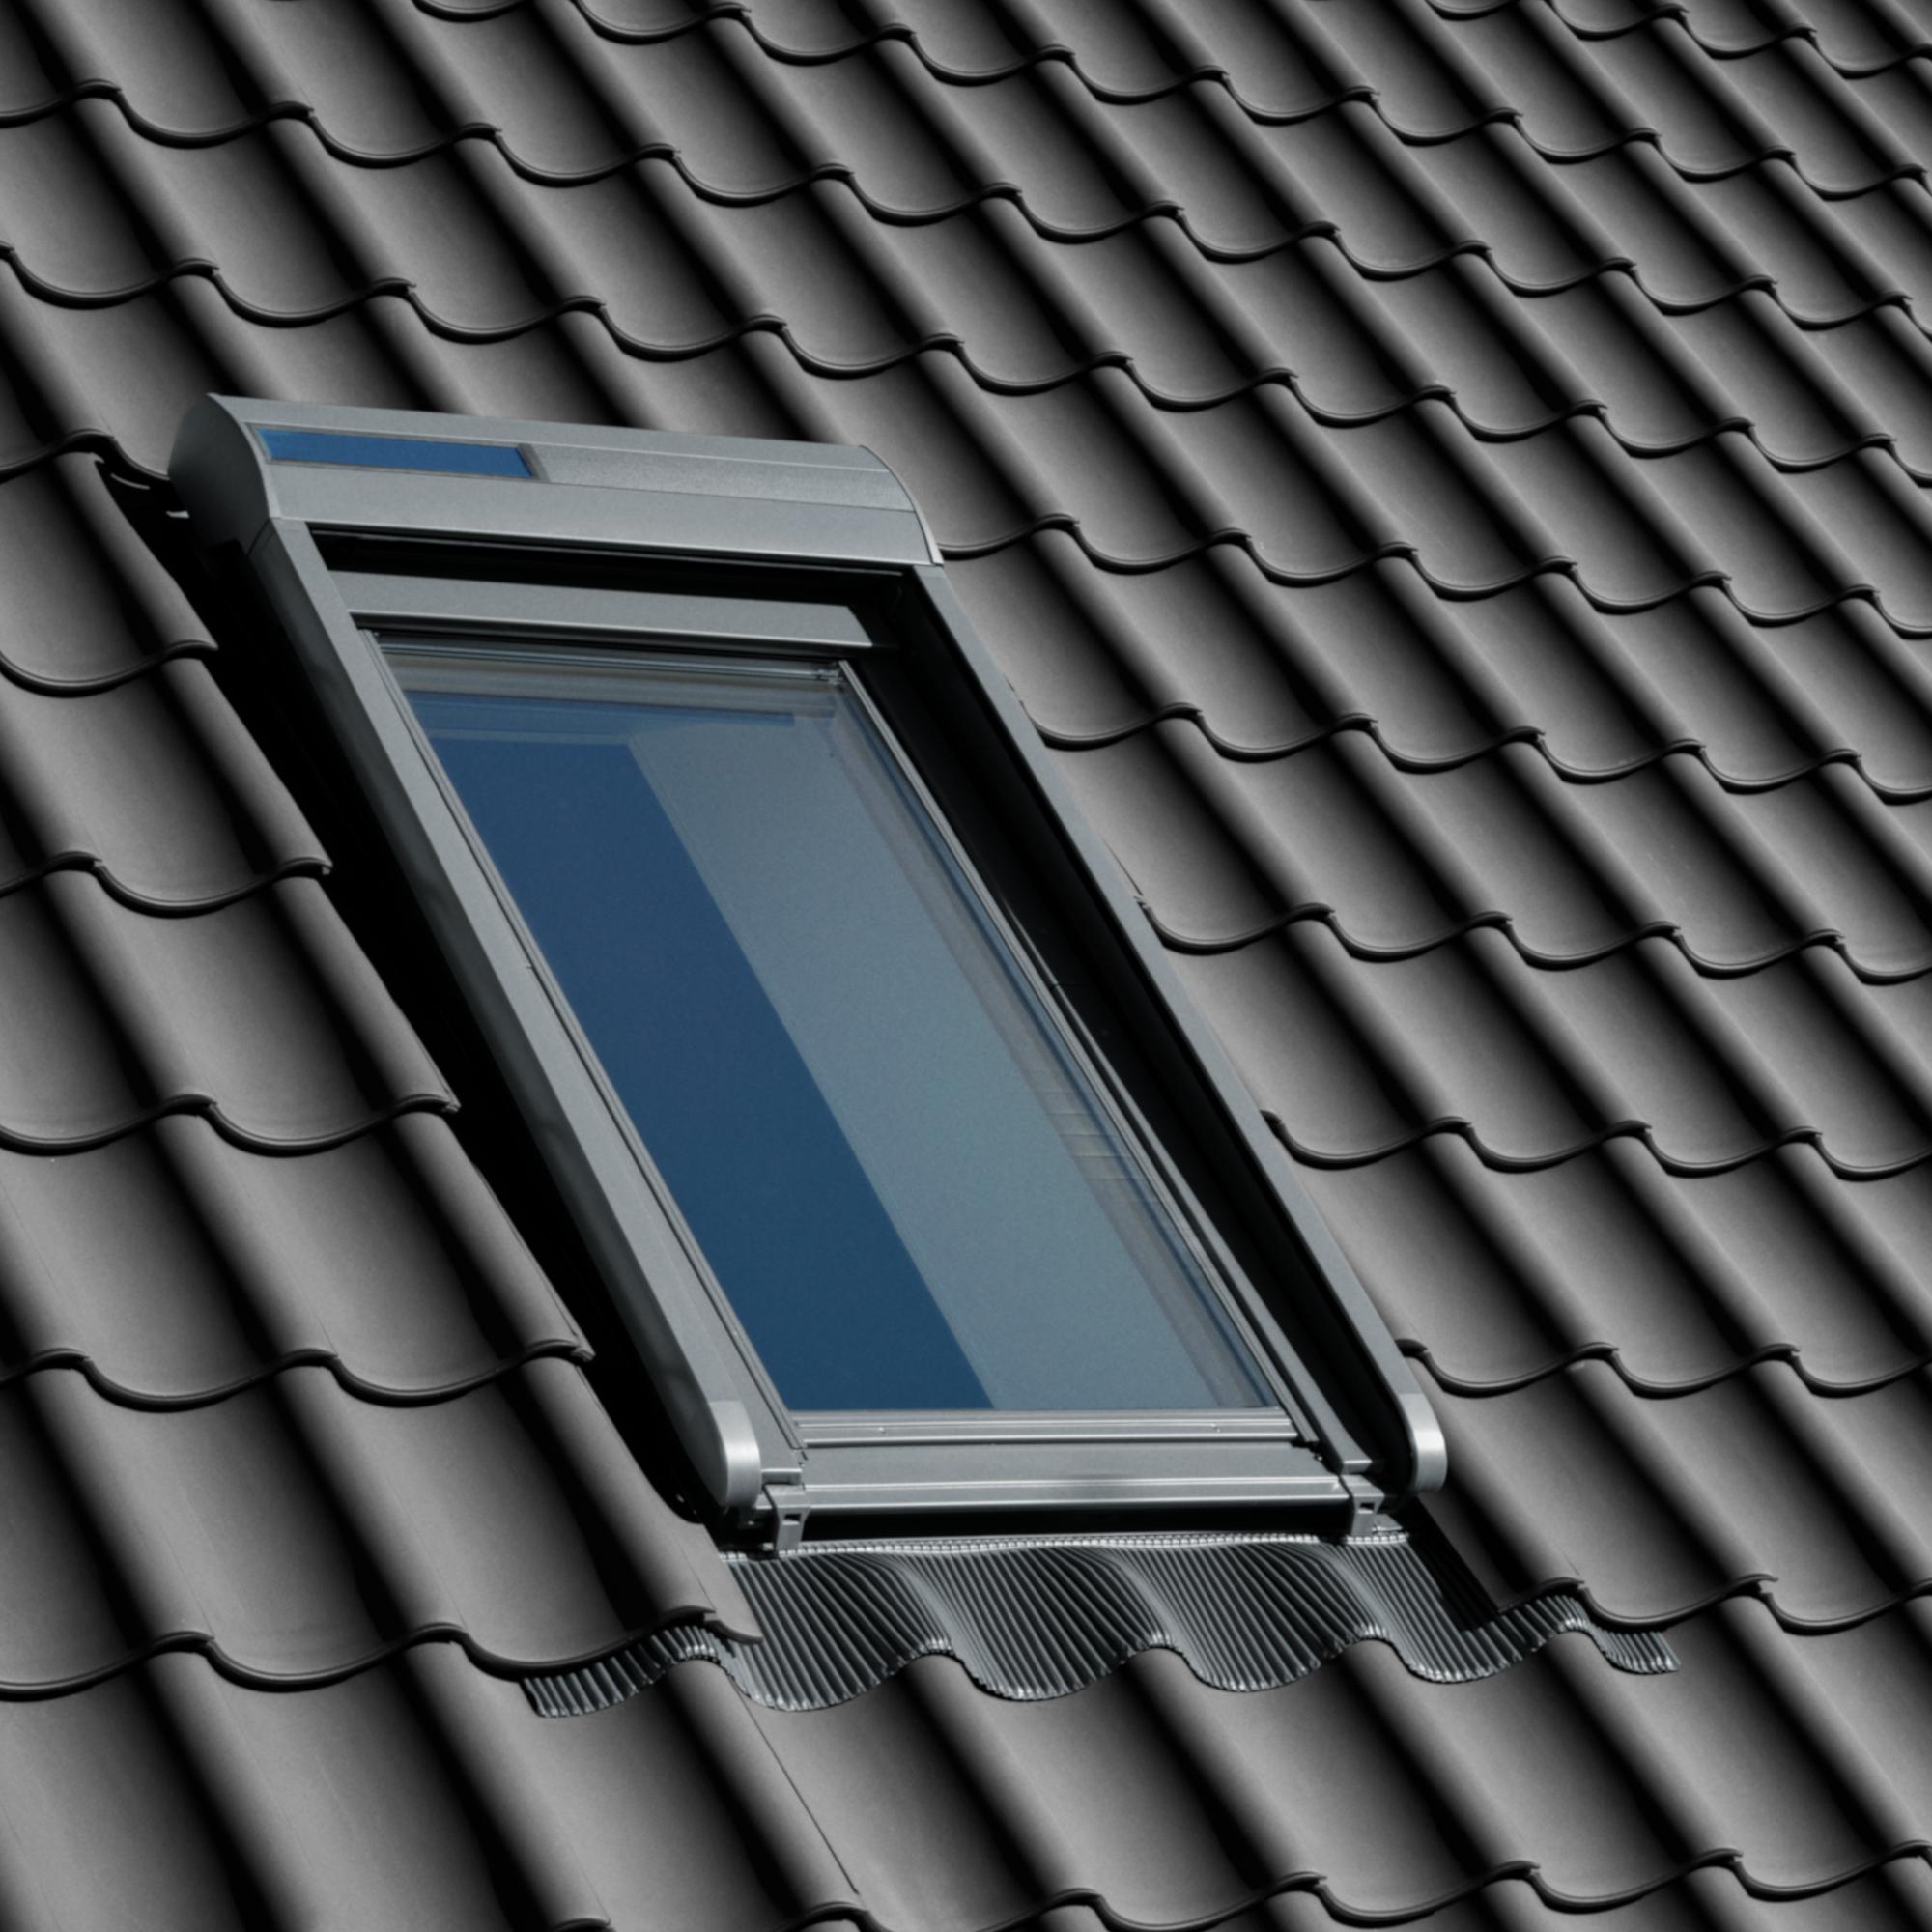 Velux roleta SSL 0000 306/MK06, předokenní, solární pohon, tmavě šedý hliník